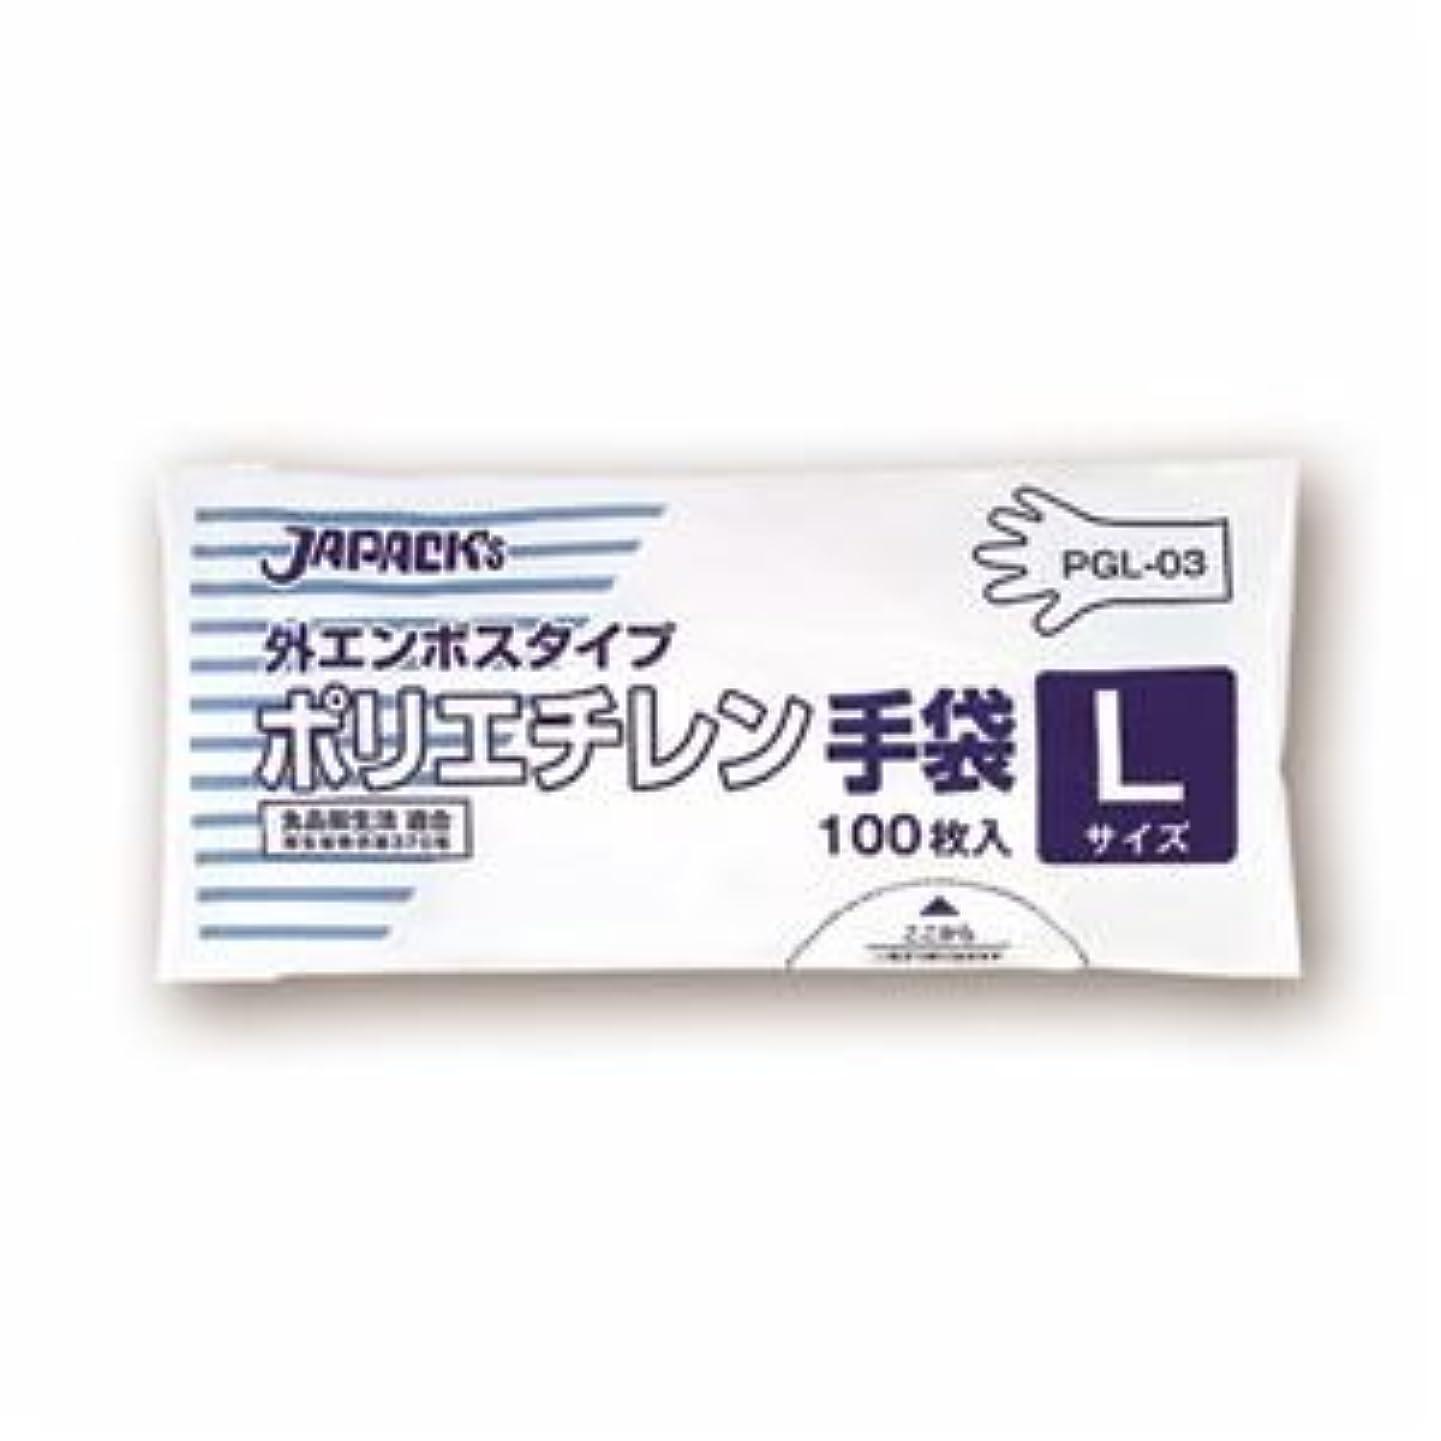 ヨーロッパあごひげお風呂を持っている(まとめ) ジャパックス 外エンボスタイプ LDポリエチレン手袋 L PGL-03 1パック(100枚) 【×20セット】 [簡易パッケージ品]